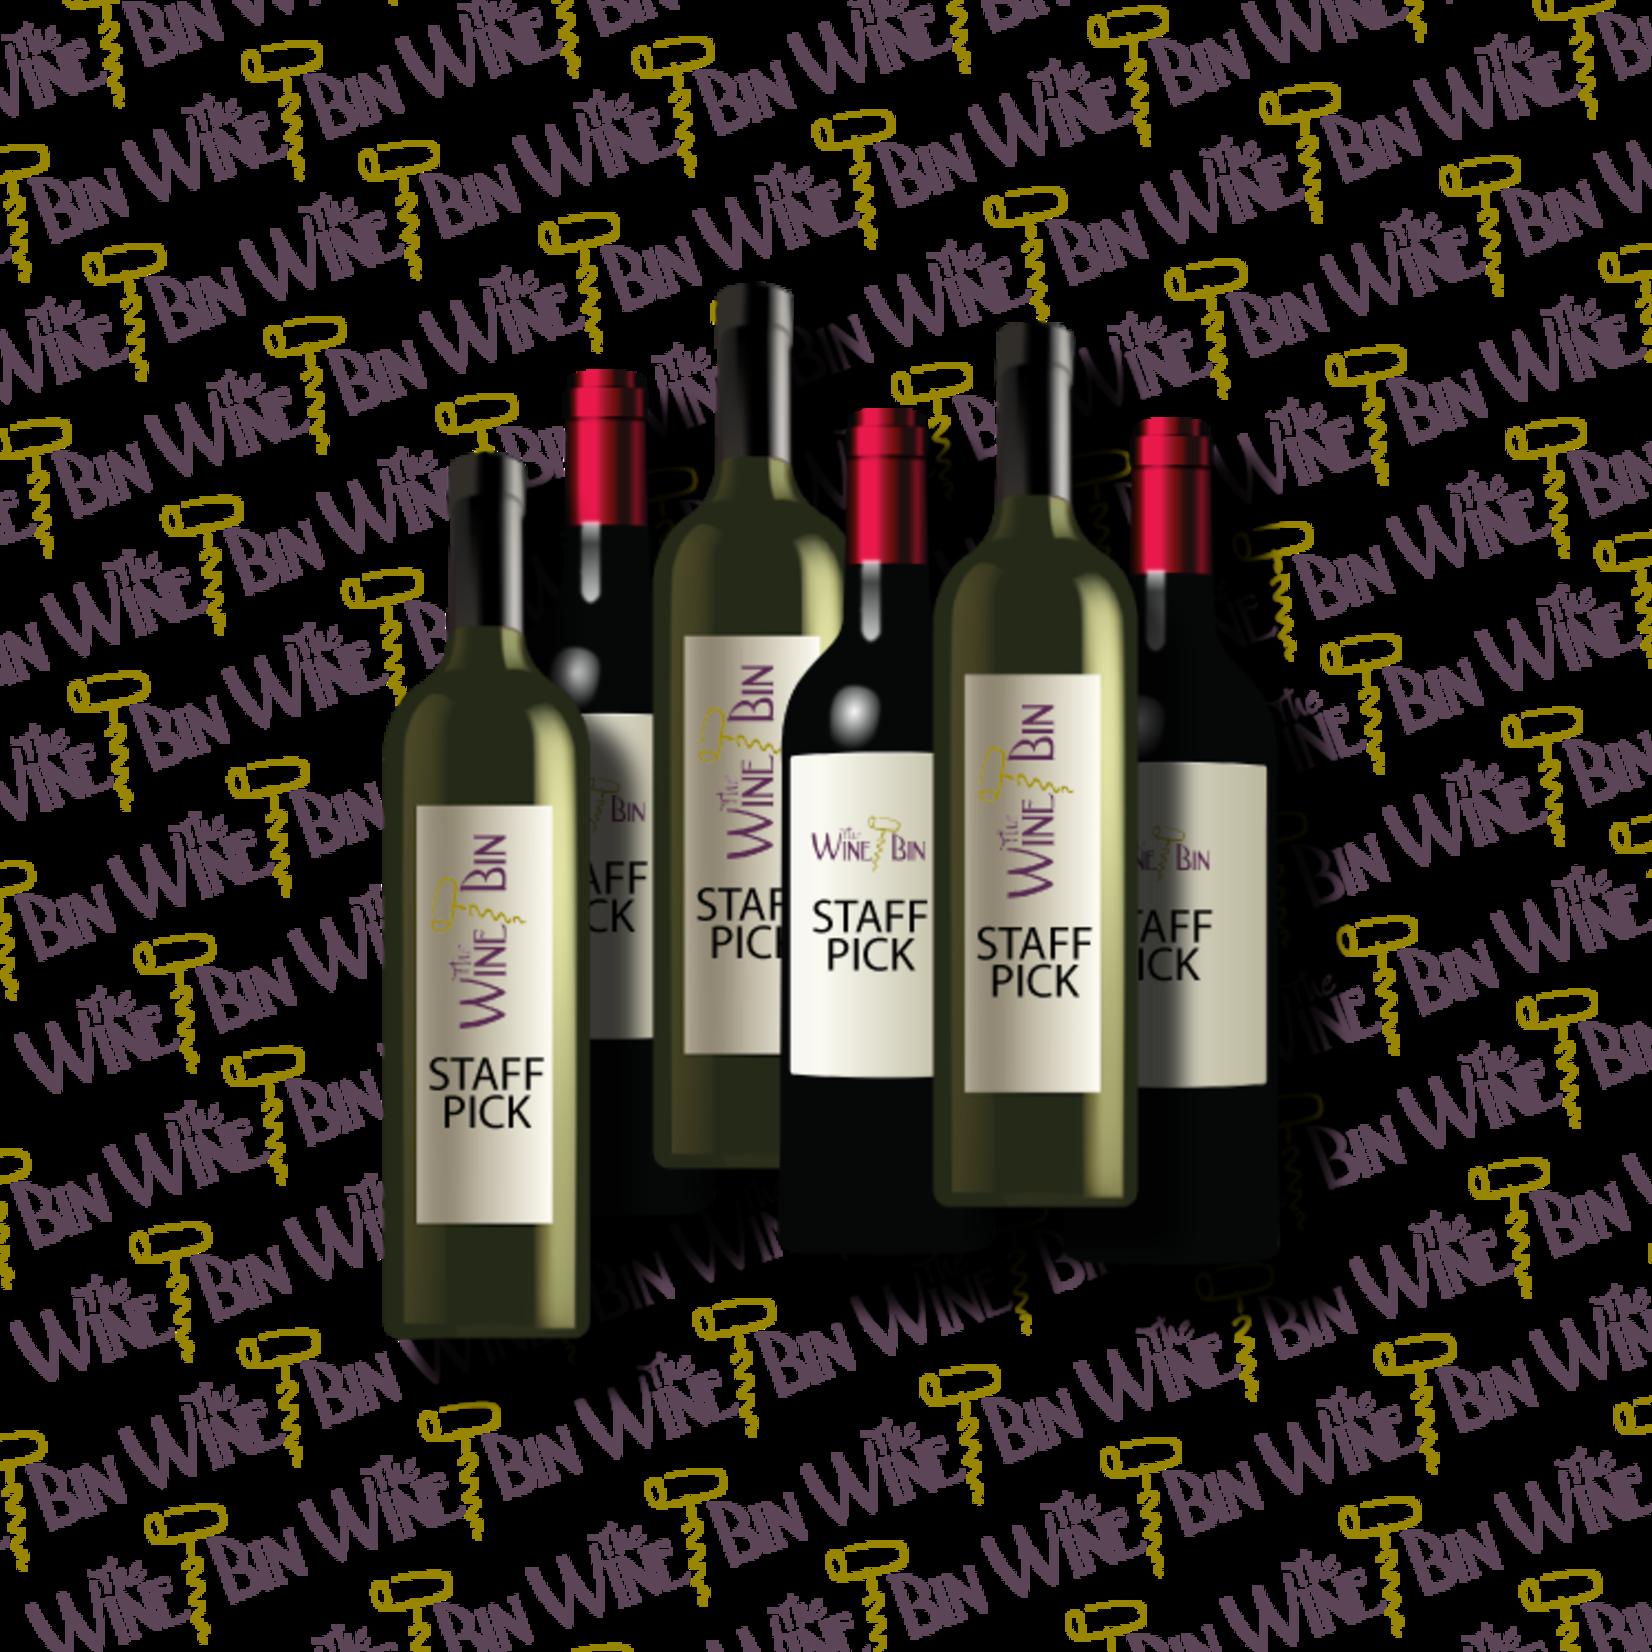 The Wine Bin STAFF 6 • JULY • The Wine Bin